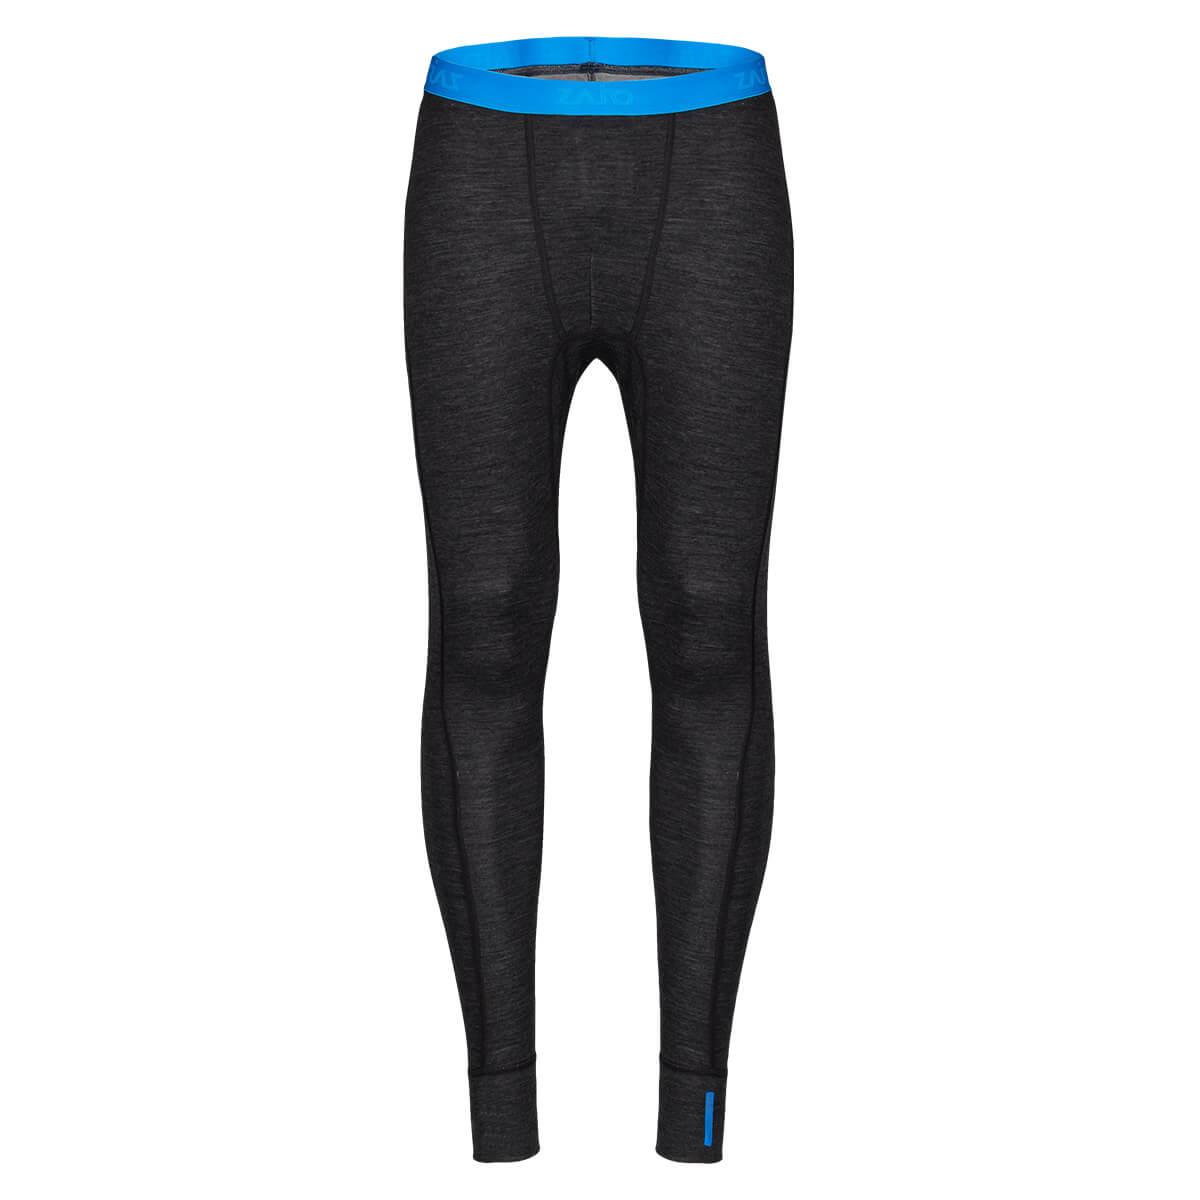 ZAJO Pánske spodné prádlo Bergen Merino Pants Black - veľkosť M